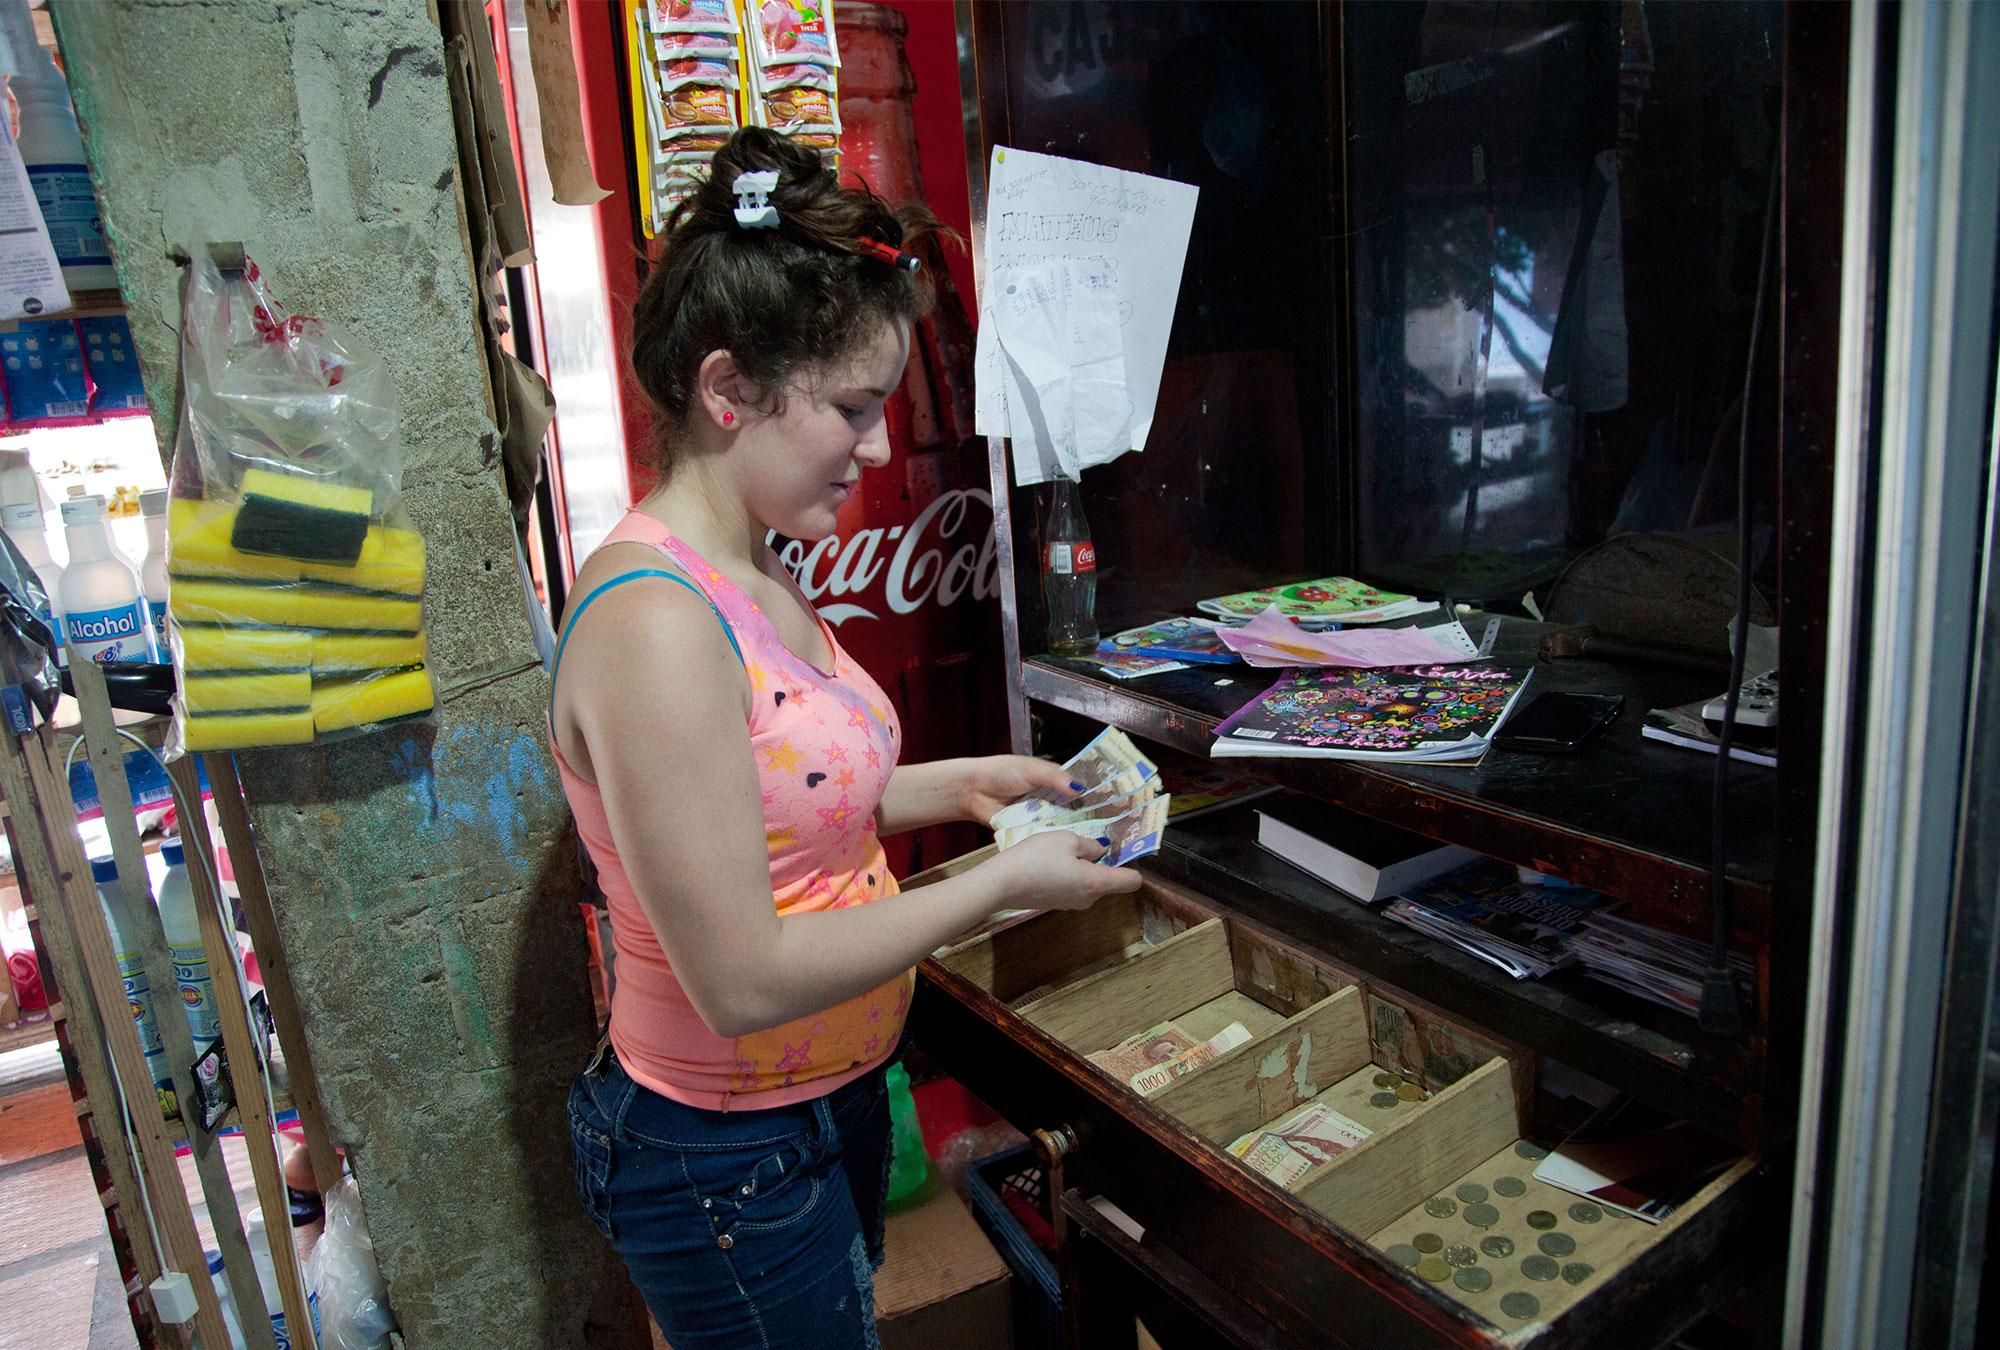 Woman counts money in register